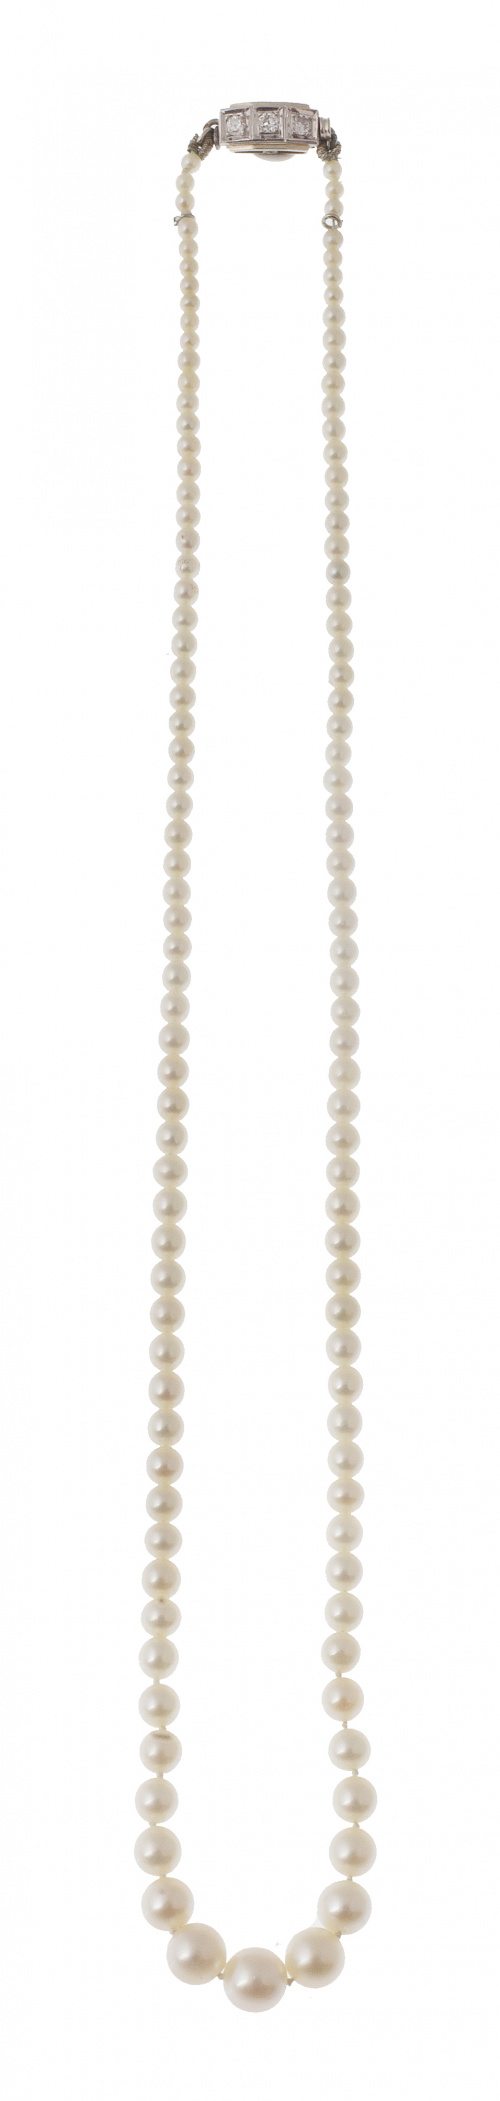 Delicado collar de perlas de pp. S. XX con tamaño creciente